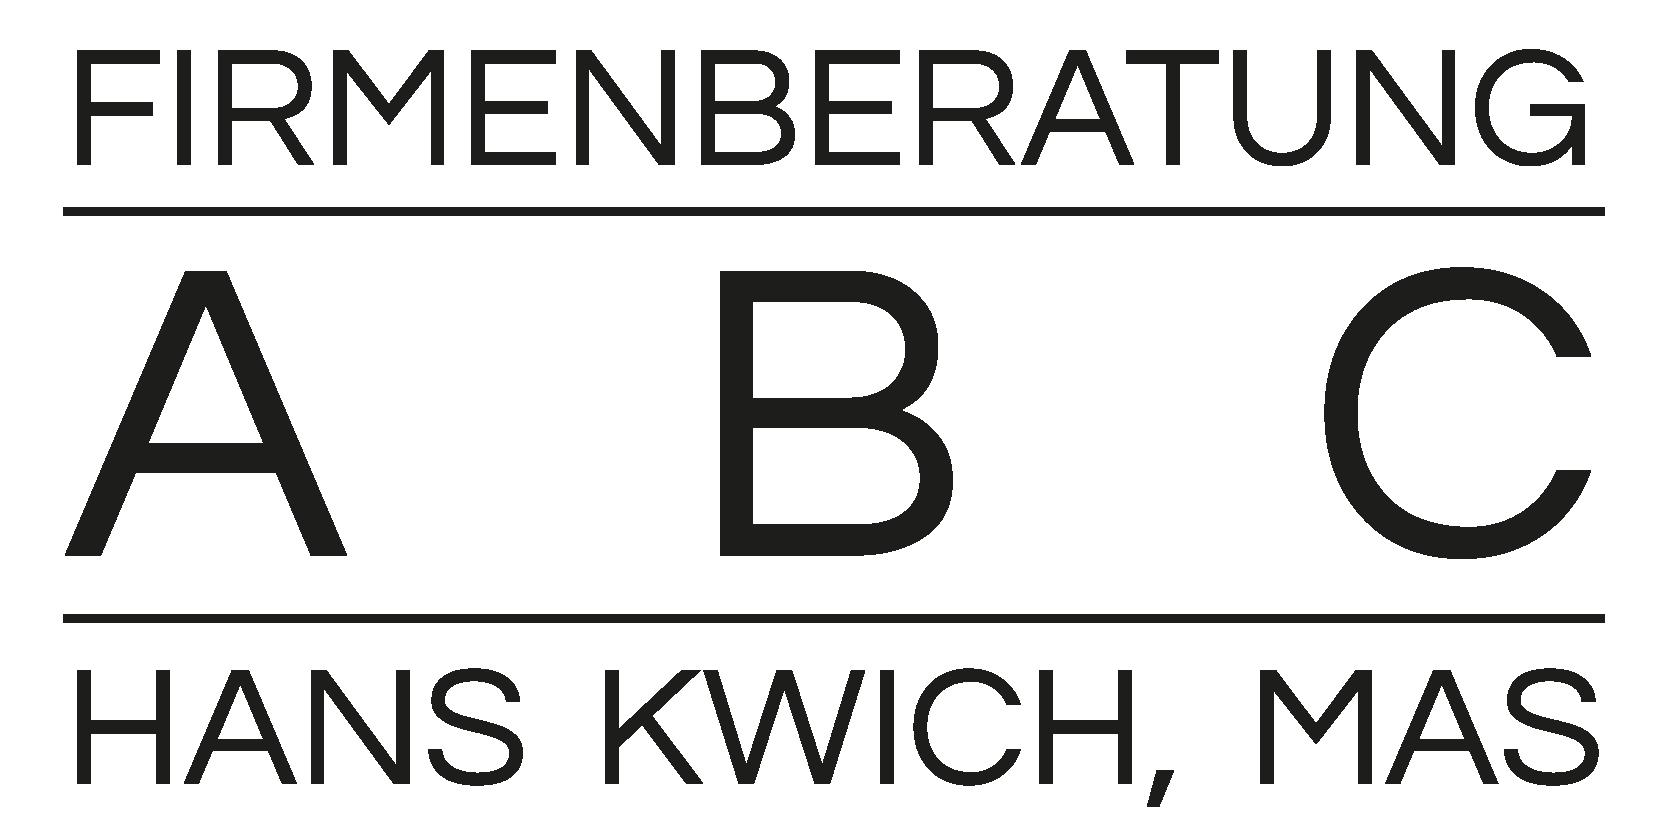 Firmenberatung ABC